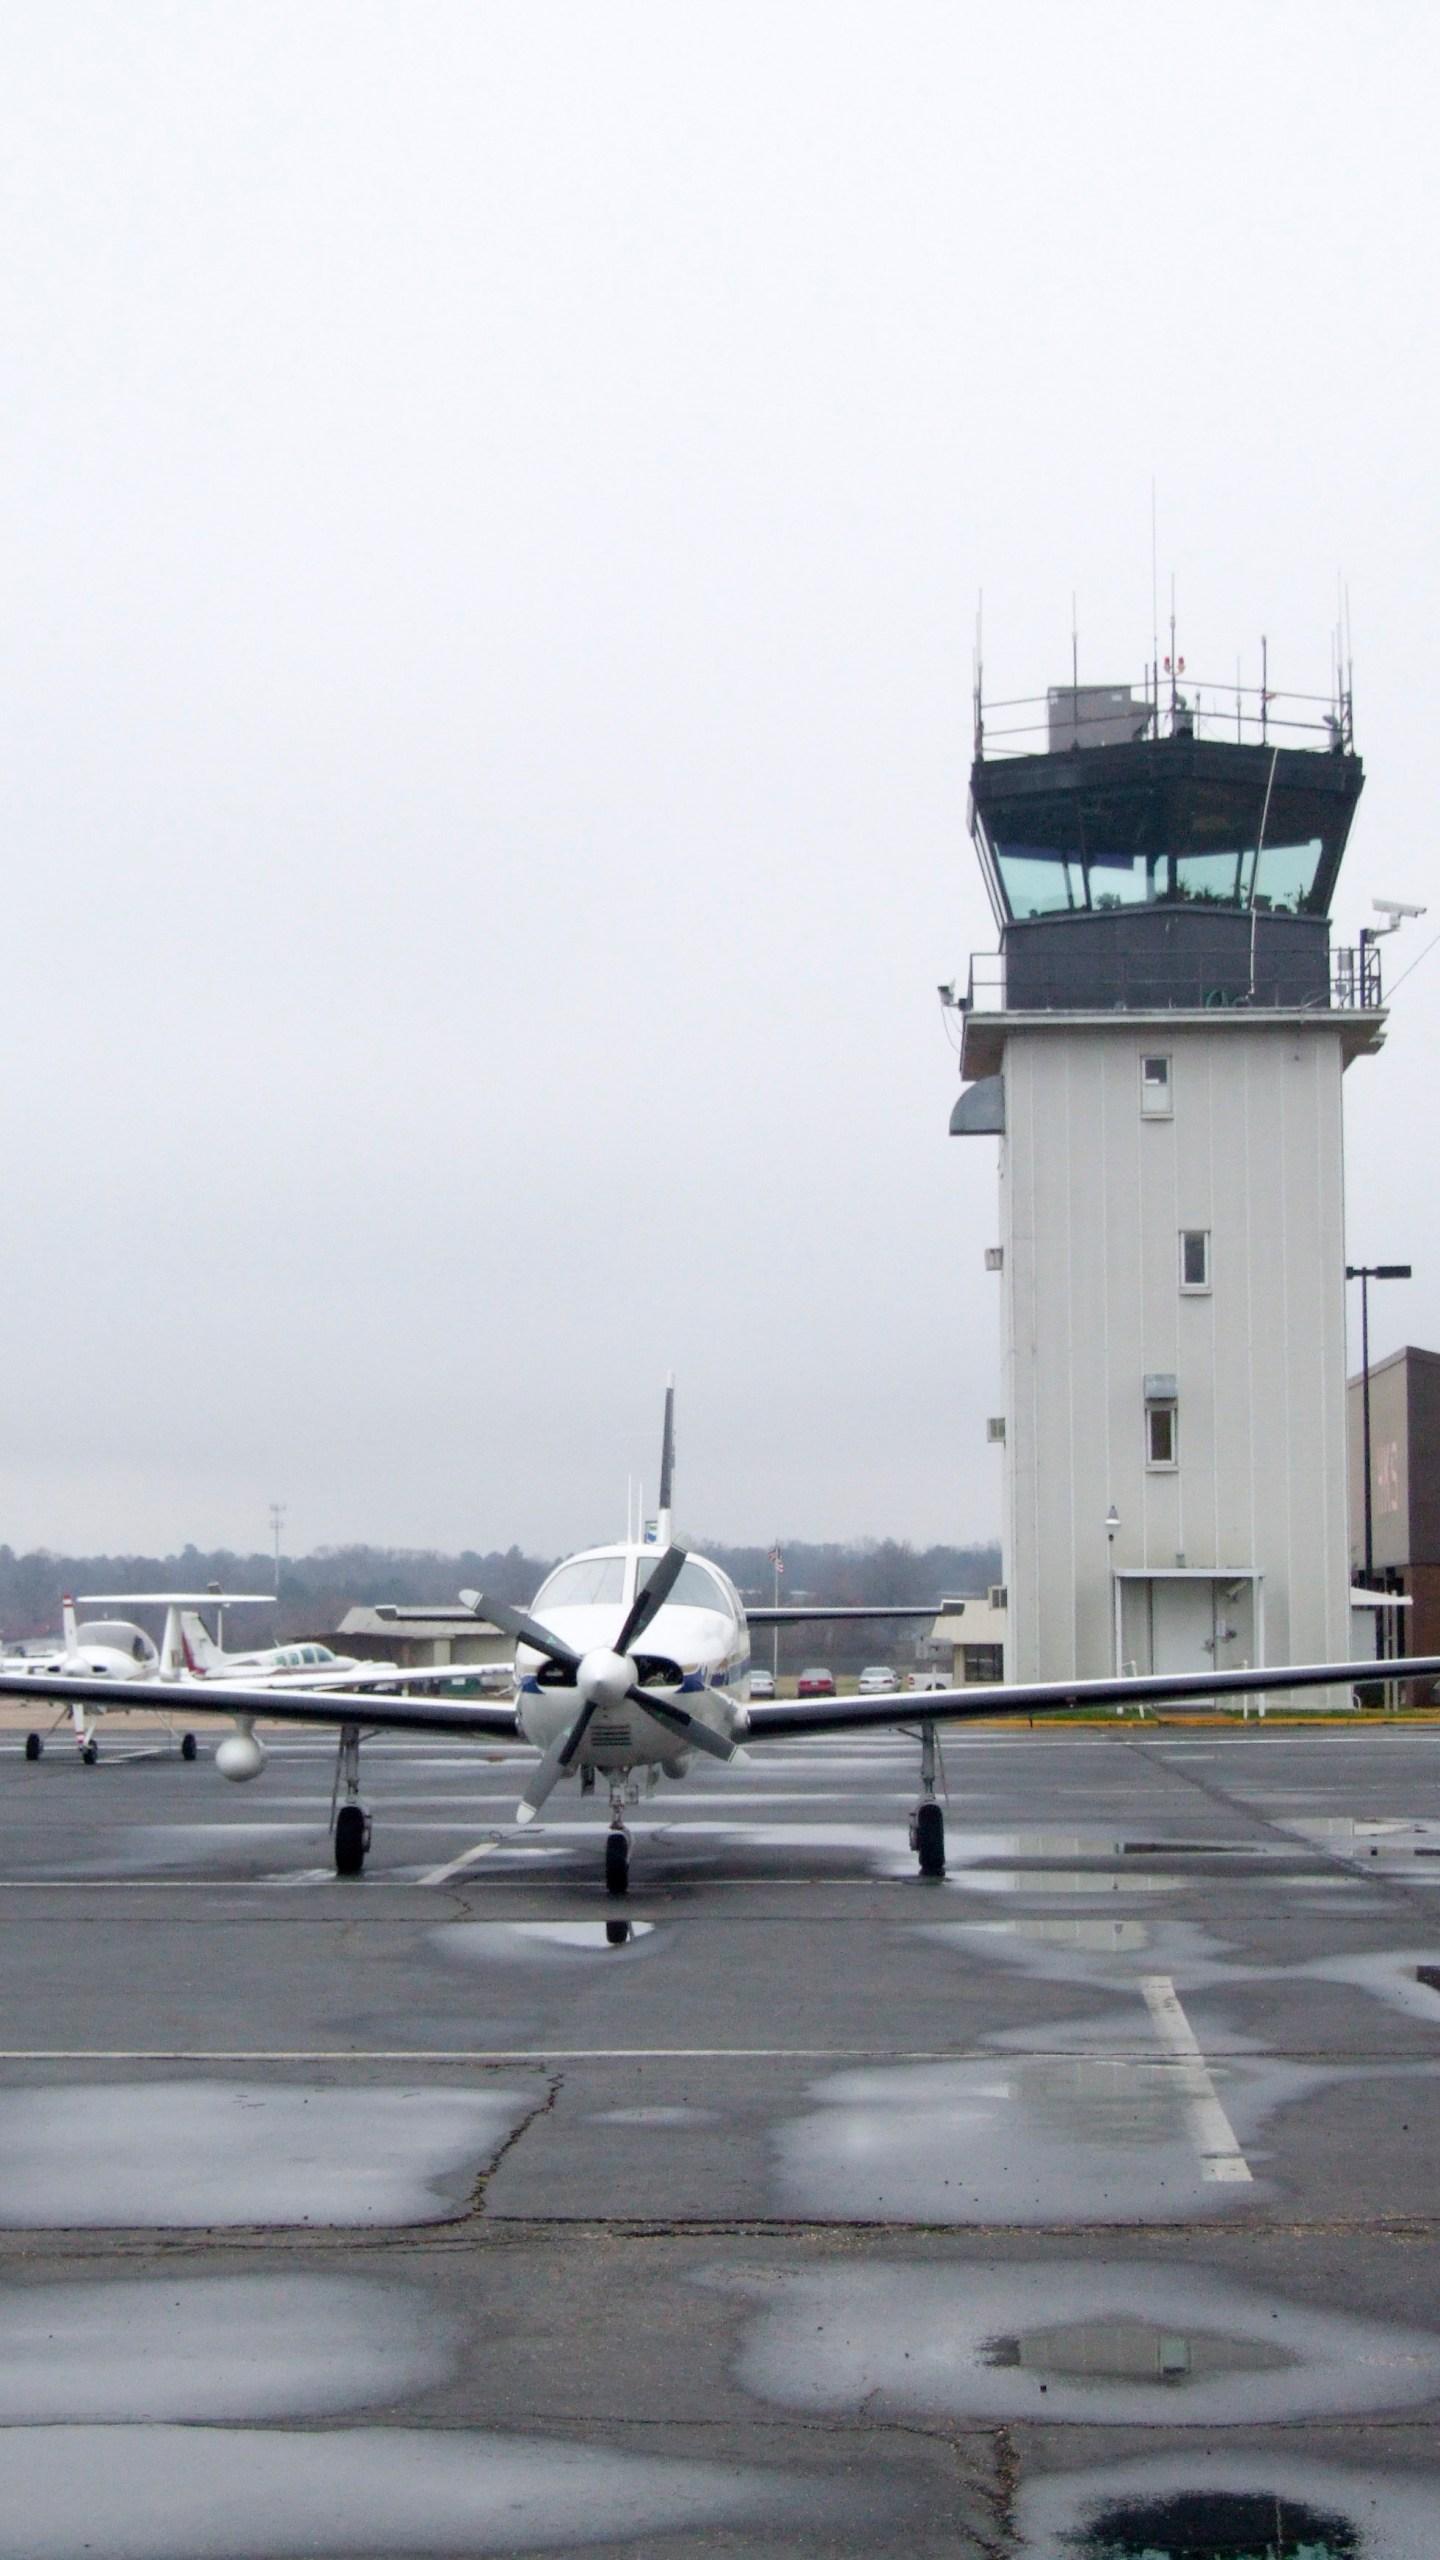 MDOT photo of plane_46468